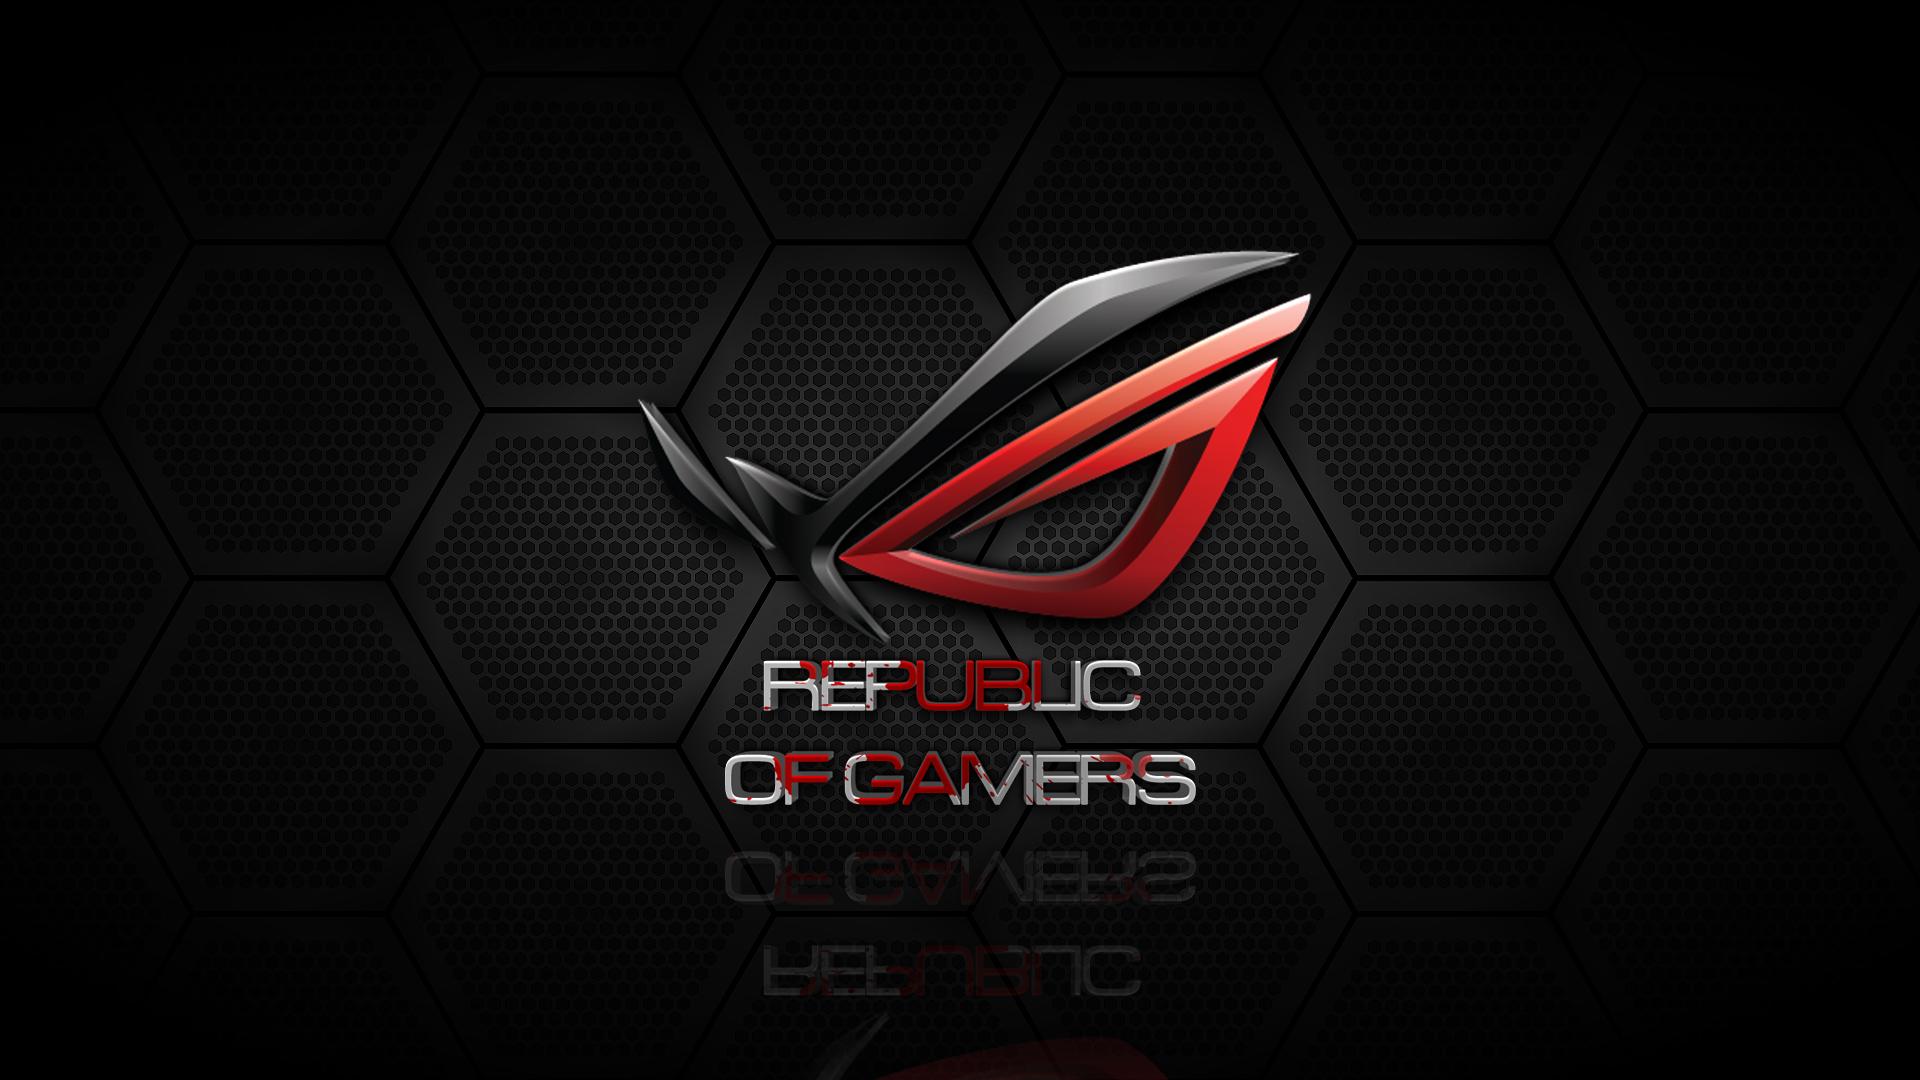 Asus Mobile Wallpaper: ROG Wallpaper Full HD